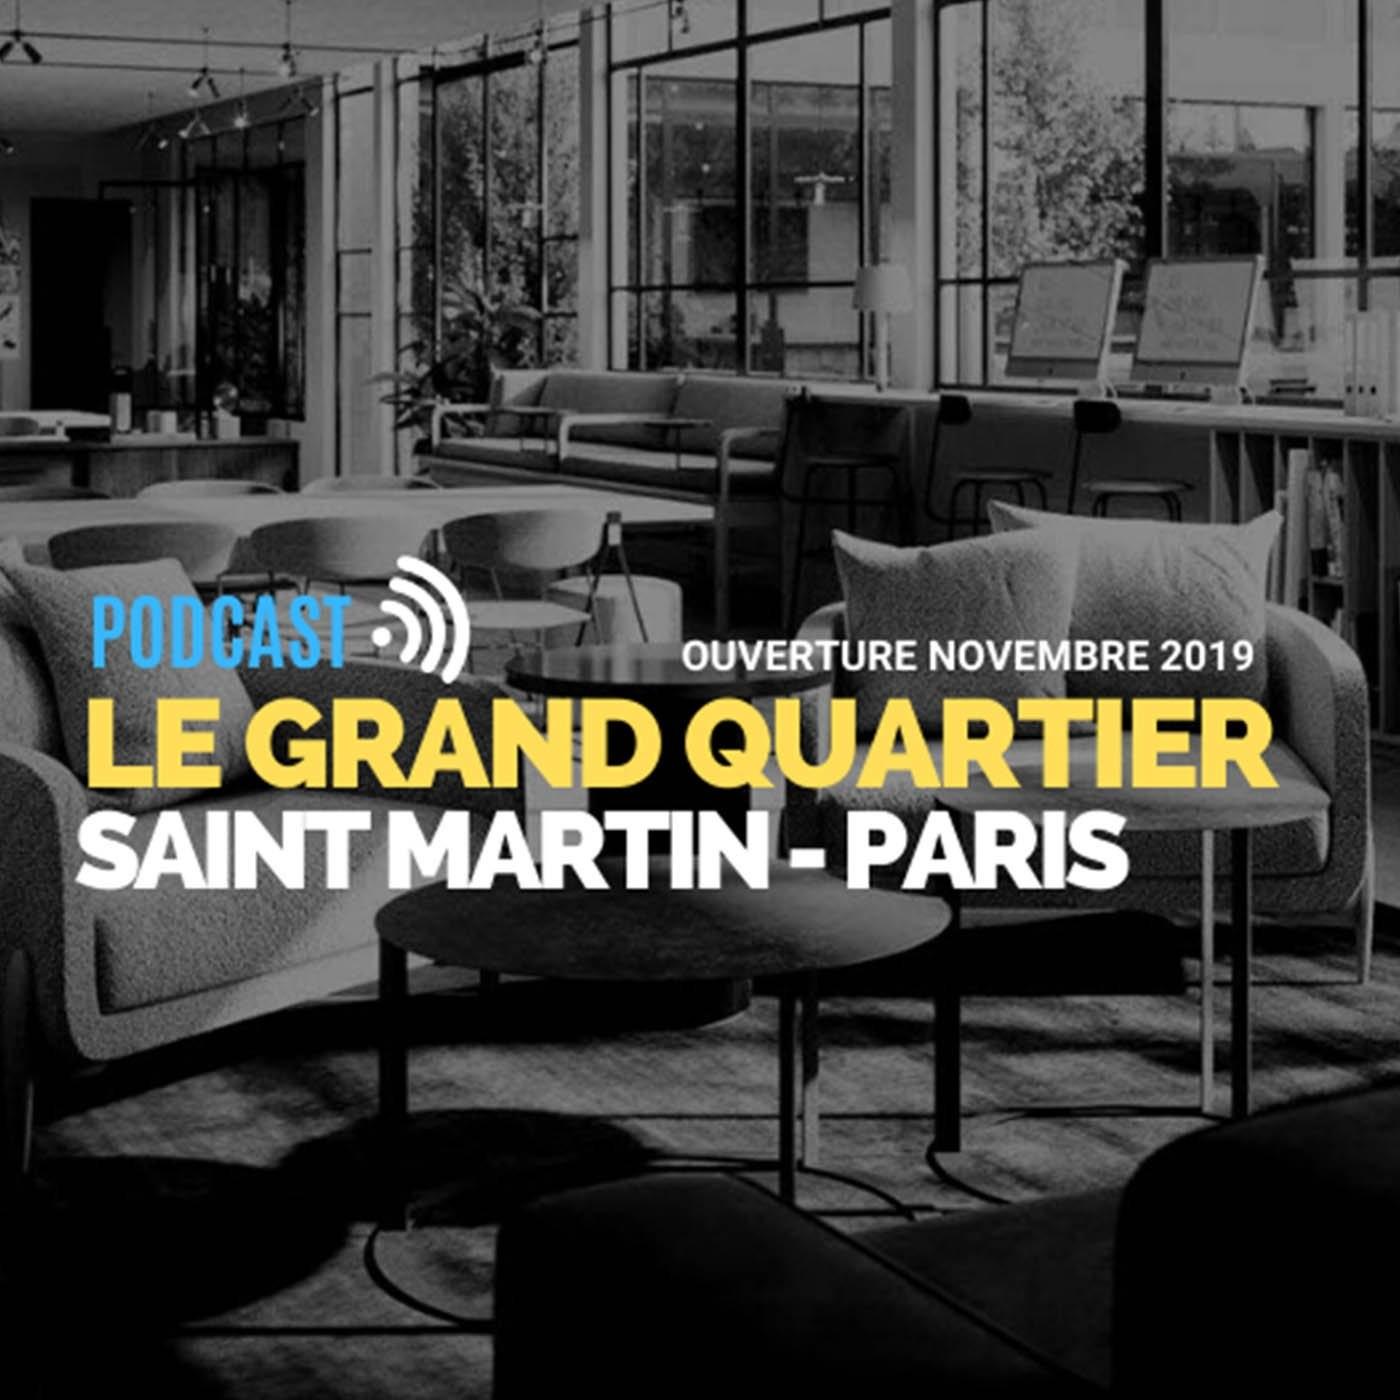 Podcast Infosbar Inside #17 : Le Grand Quartier Saint-Martin - Paris